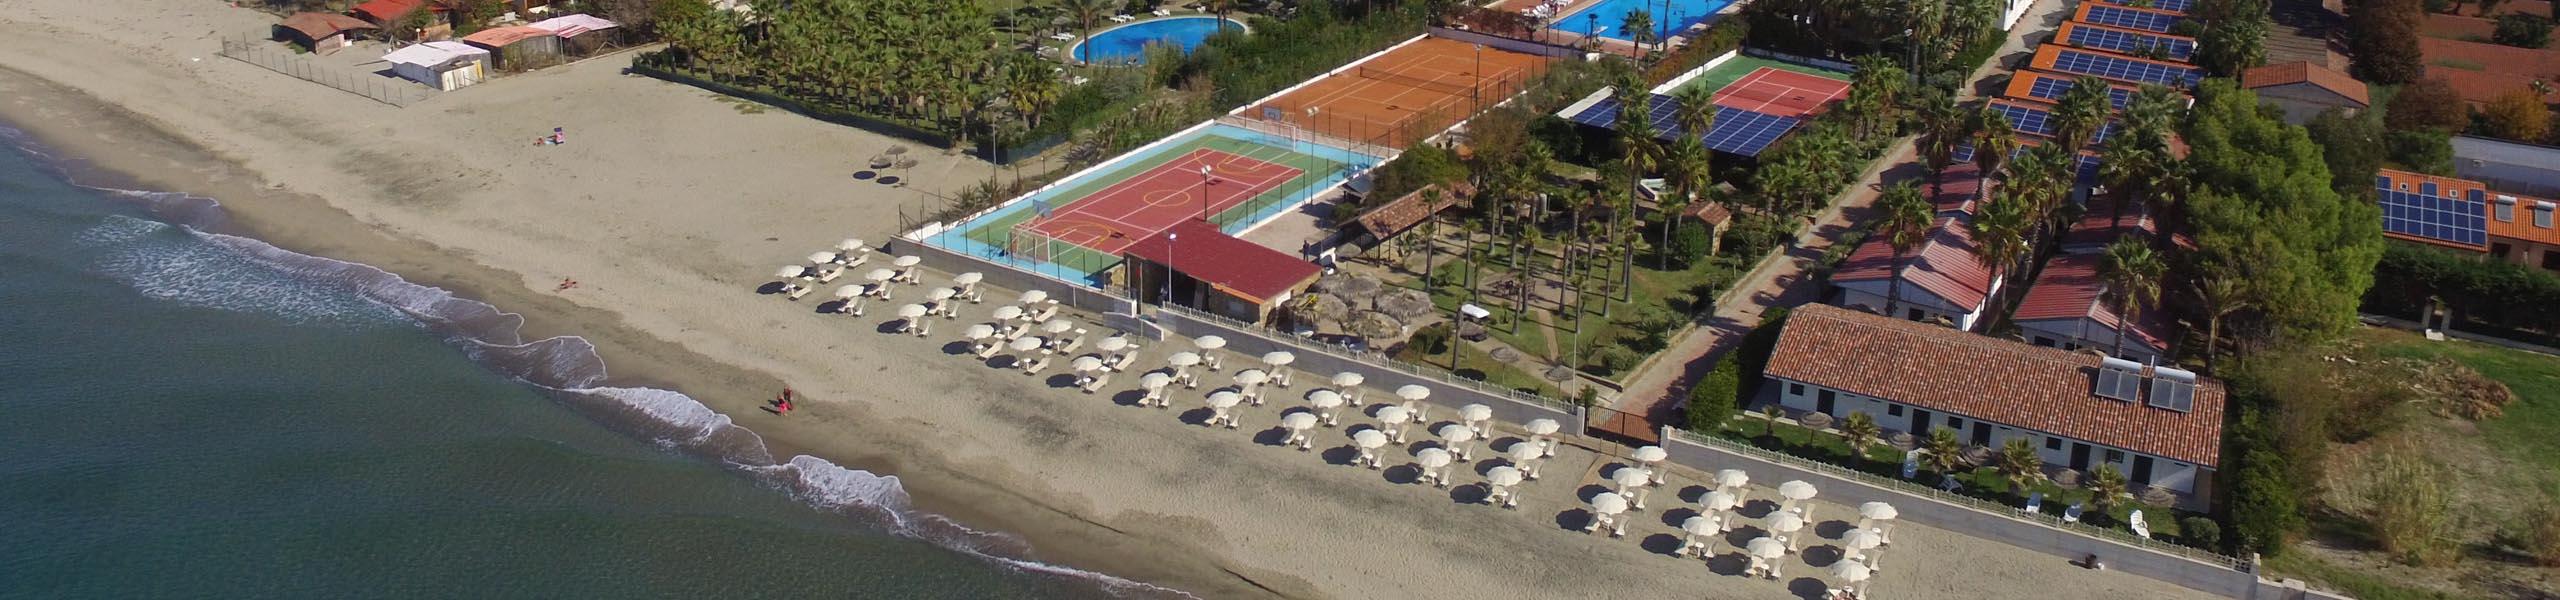 Olimpia-Cilento-Resort_header